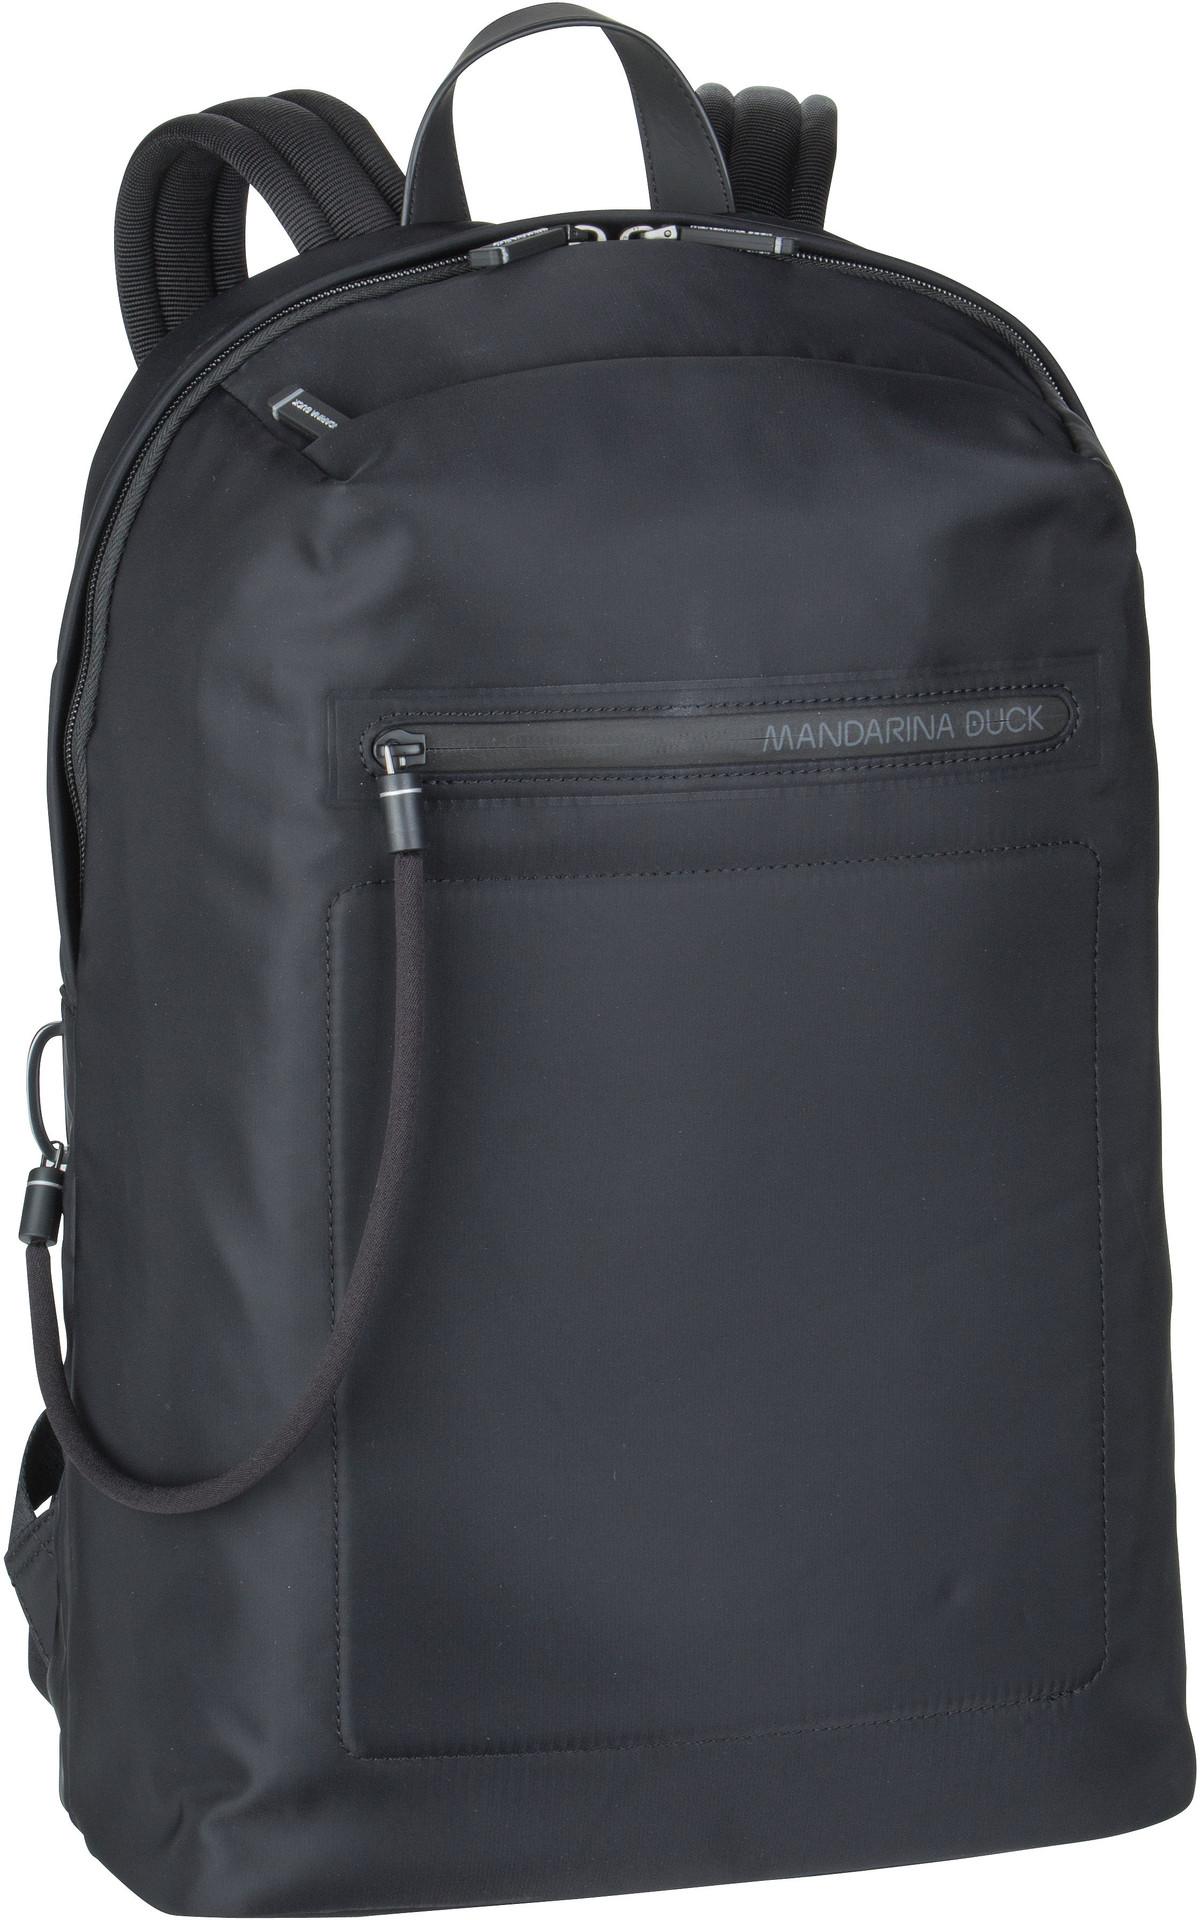 Rucksack / Daypack Kemi Slim Backpack ZMT10 Black